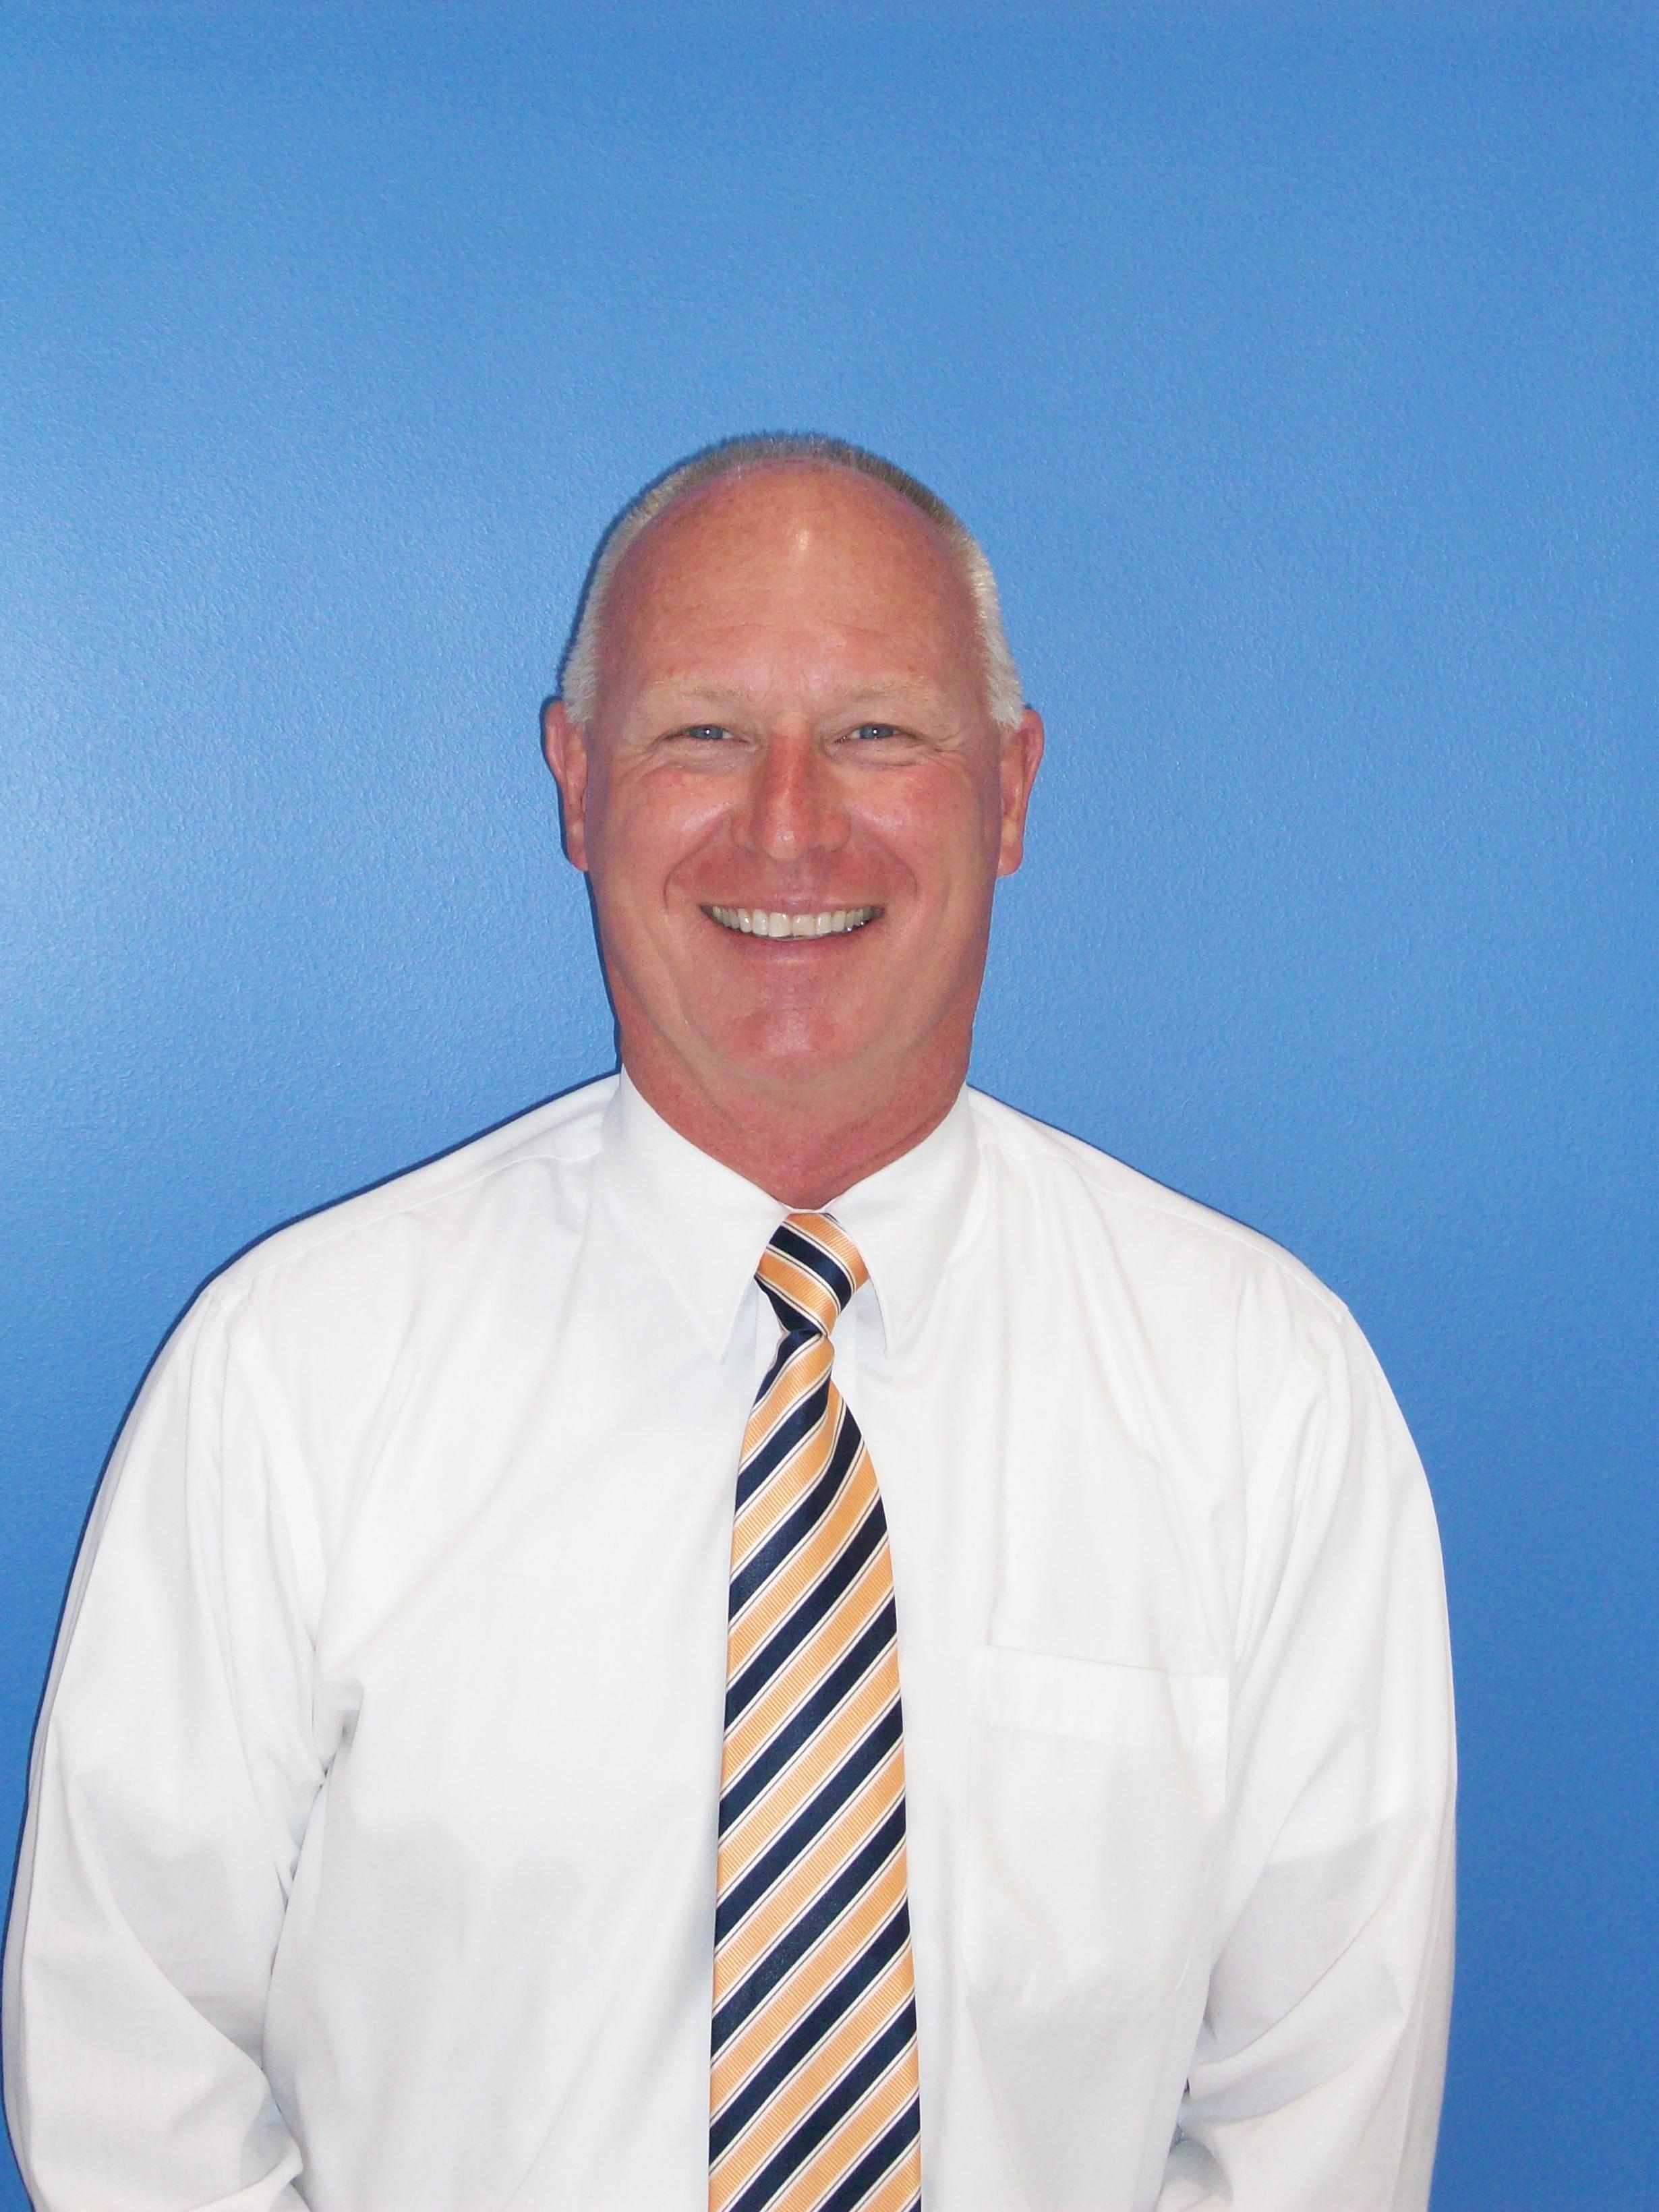 Scott Stevens - General Manager